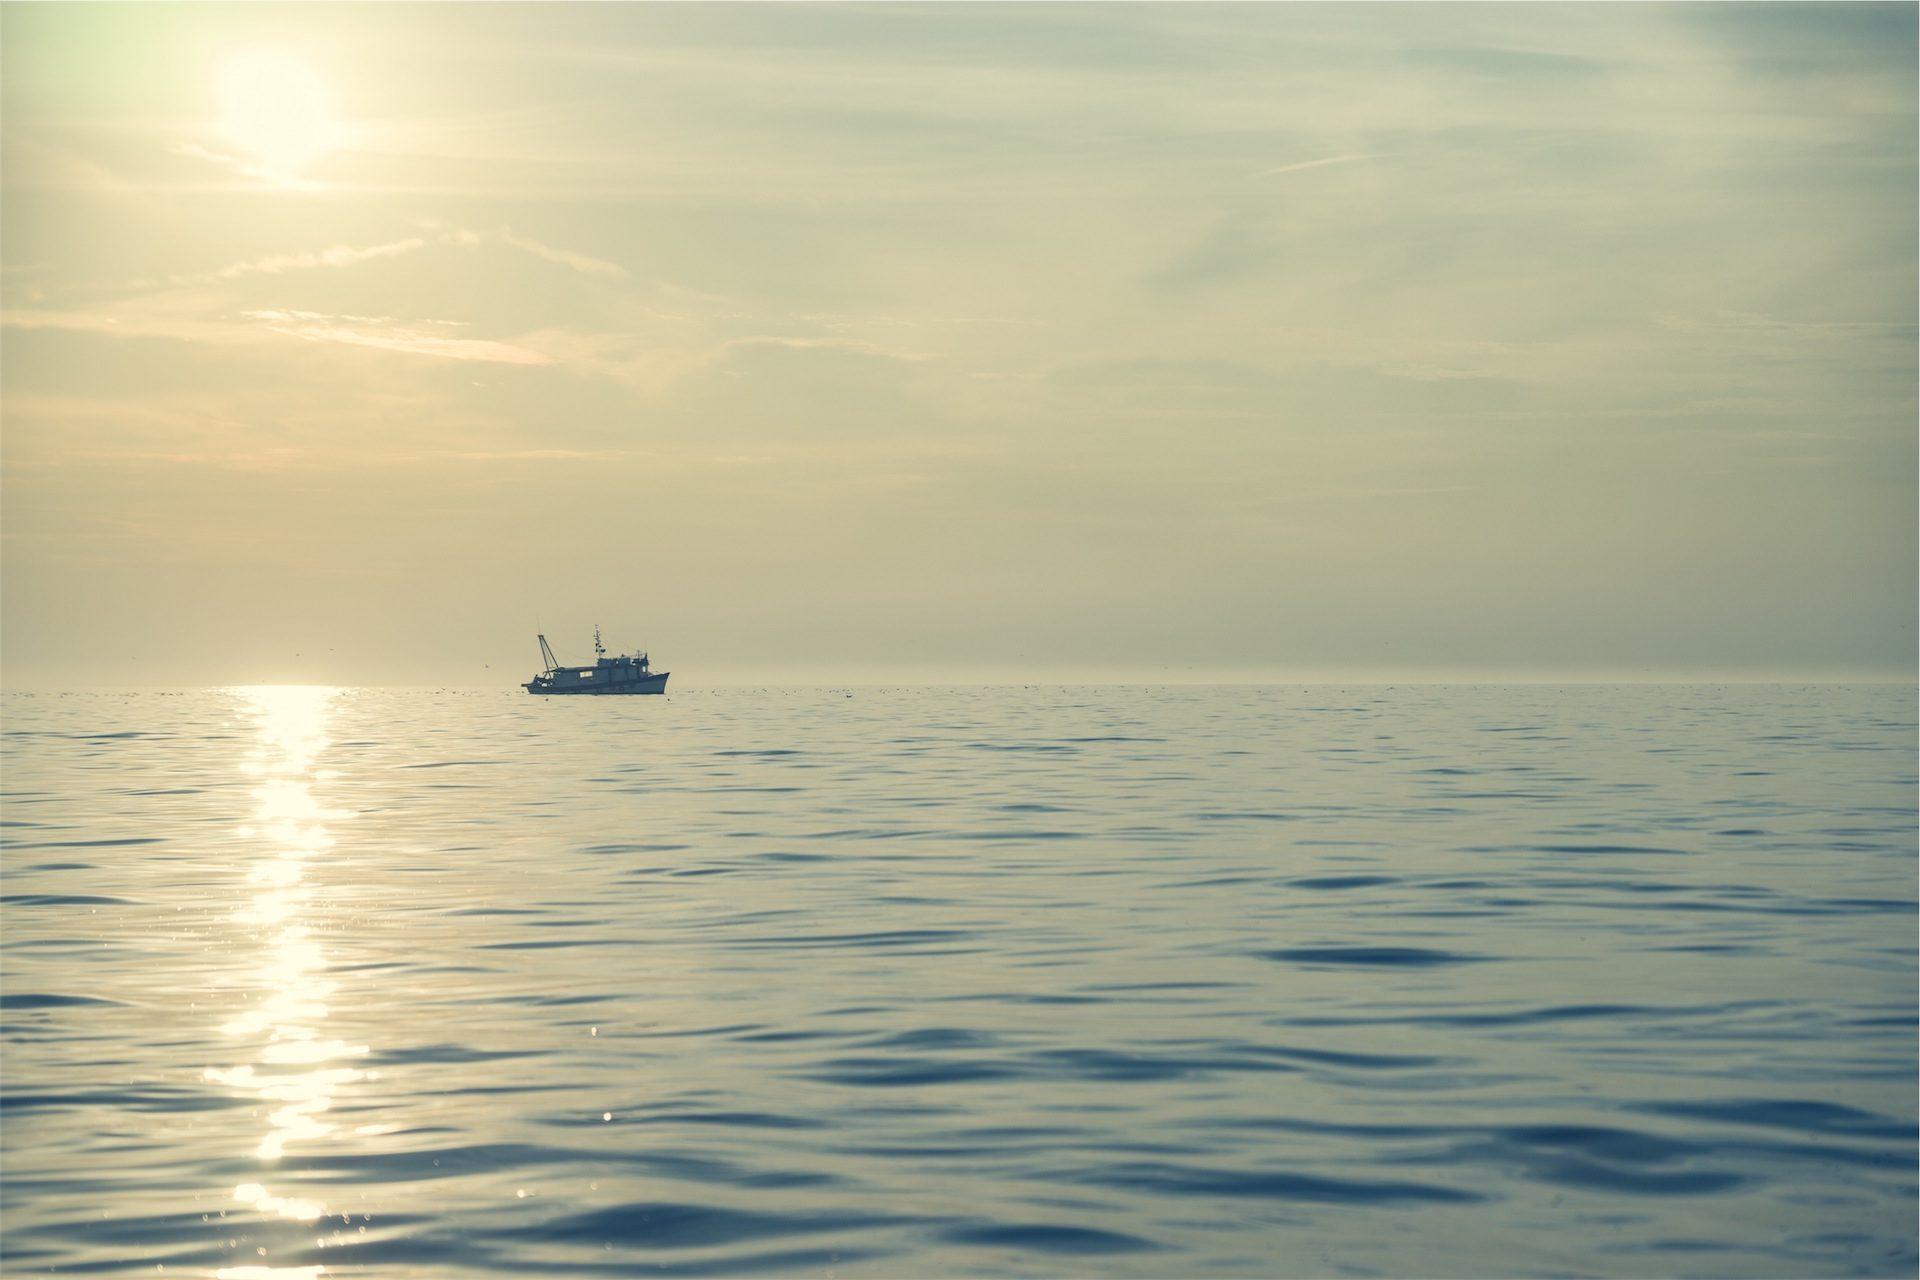 лодка, Рыбалка, Море, Солнце, Соледад, спокойствие, расслабиться - Обои HD - Профессор falken.com